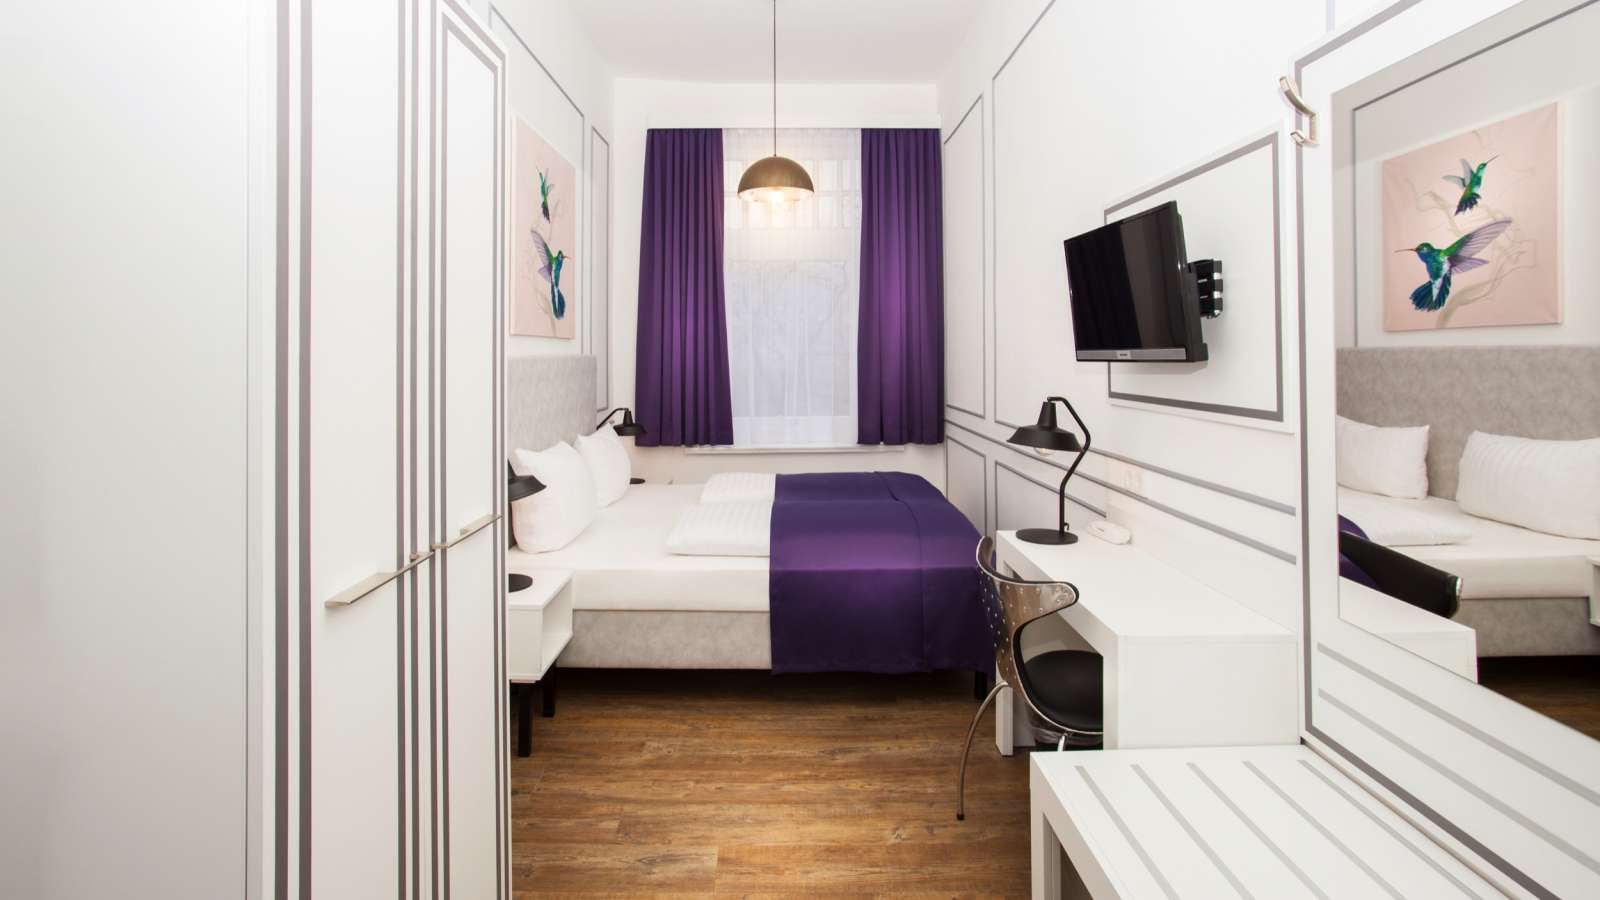 centro hotel boutique 56 in hamburg, Wohnideen design